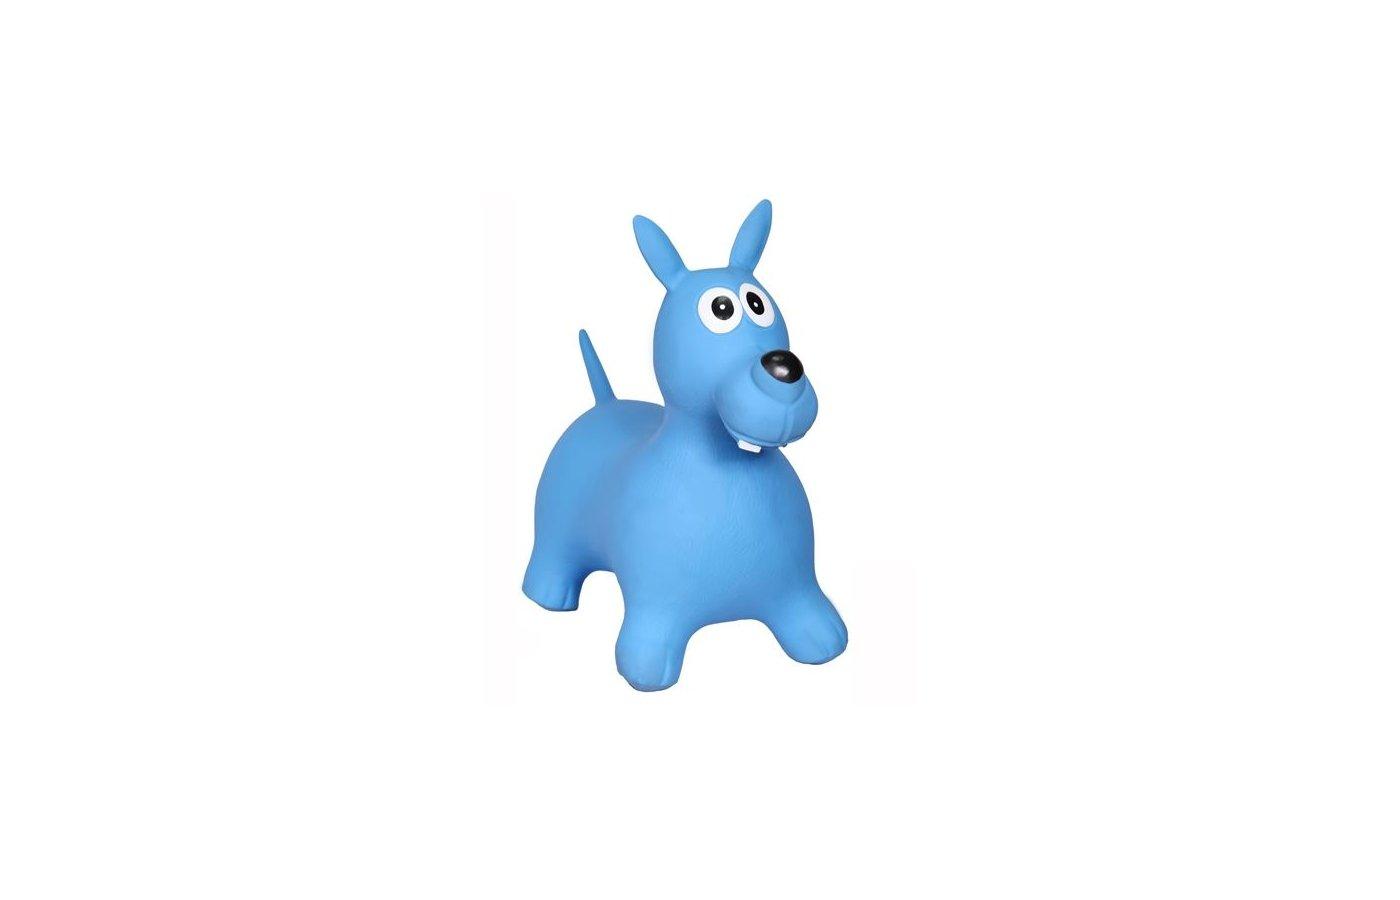 Качалка Altacto ALT1802-009 Прыгун большой Пёс